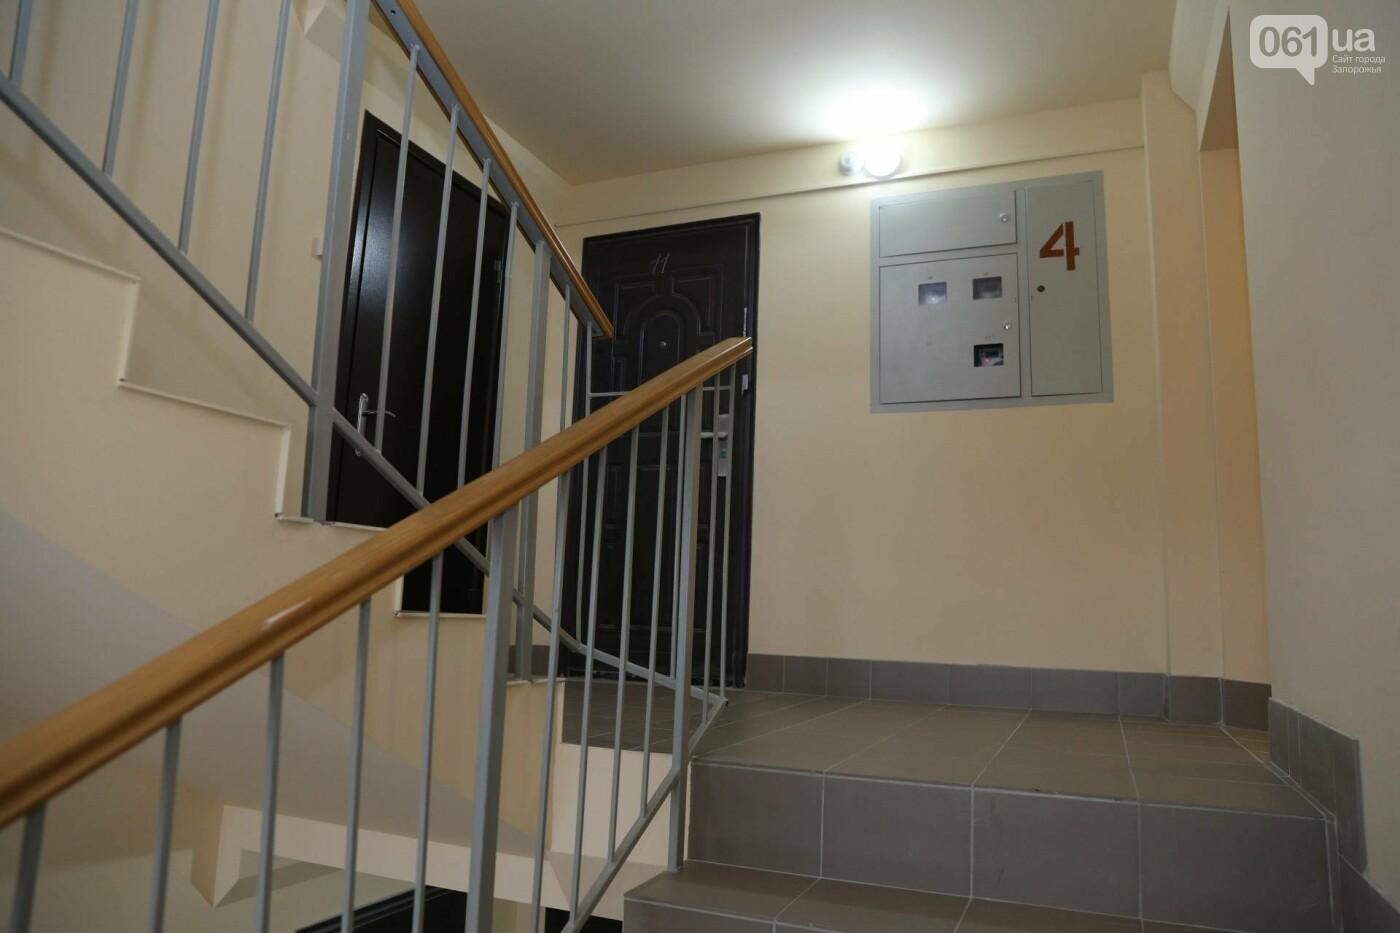 В Мелитополе сиротам передали 8 квартир за 3,5 миллиона, - ФОТО, фото-1